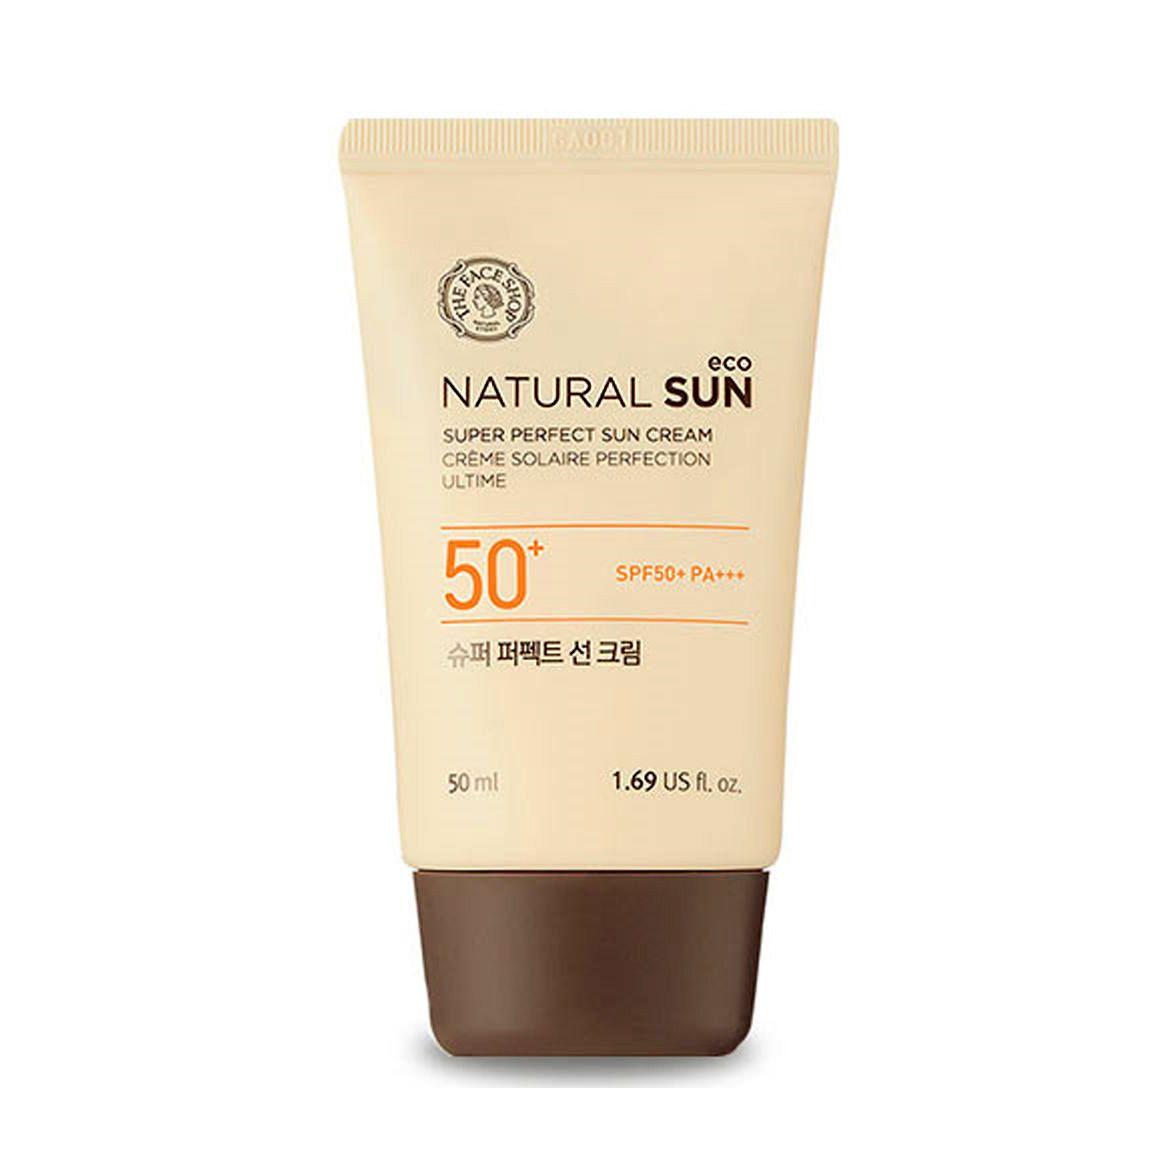 kem-chong-nang-kem-chong-nang-natural-sun-eco-super-perfect-sun-cream-spf50-pa-thefaceshop-2304